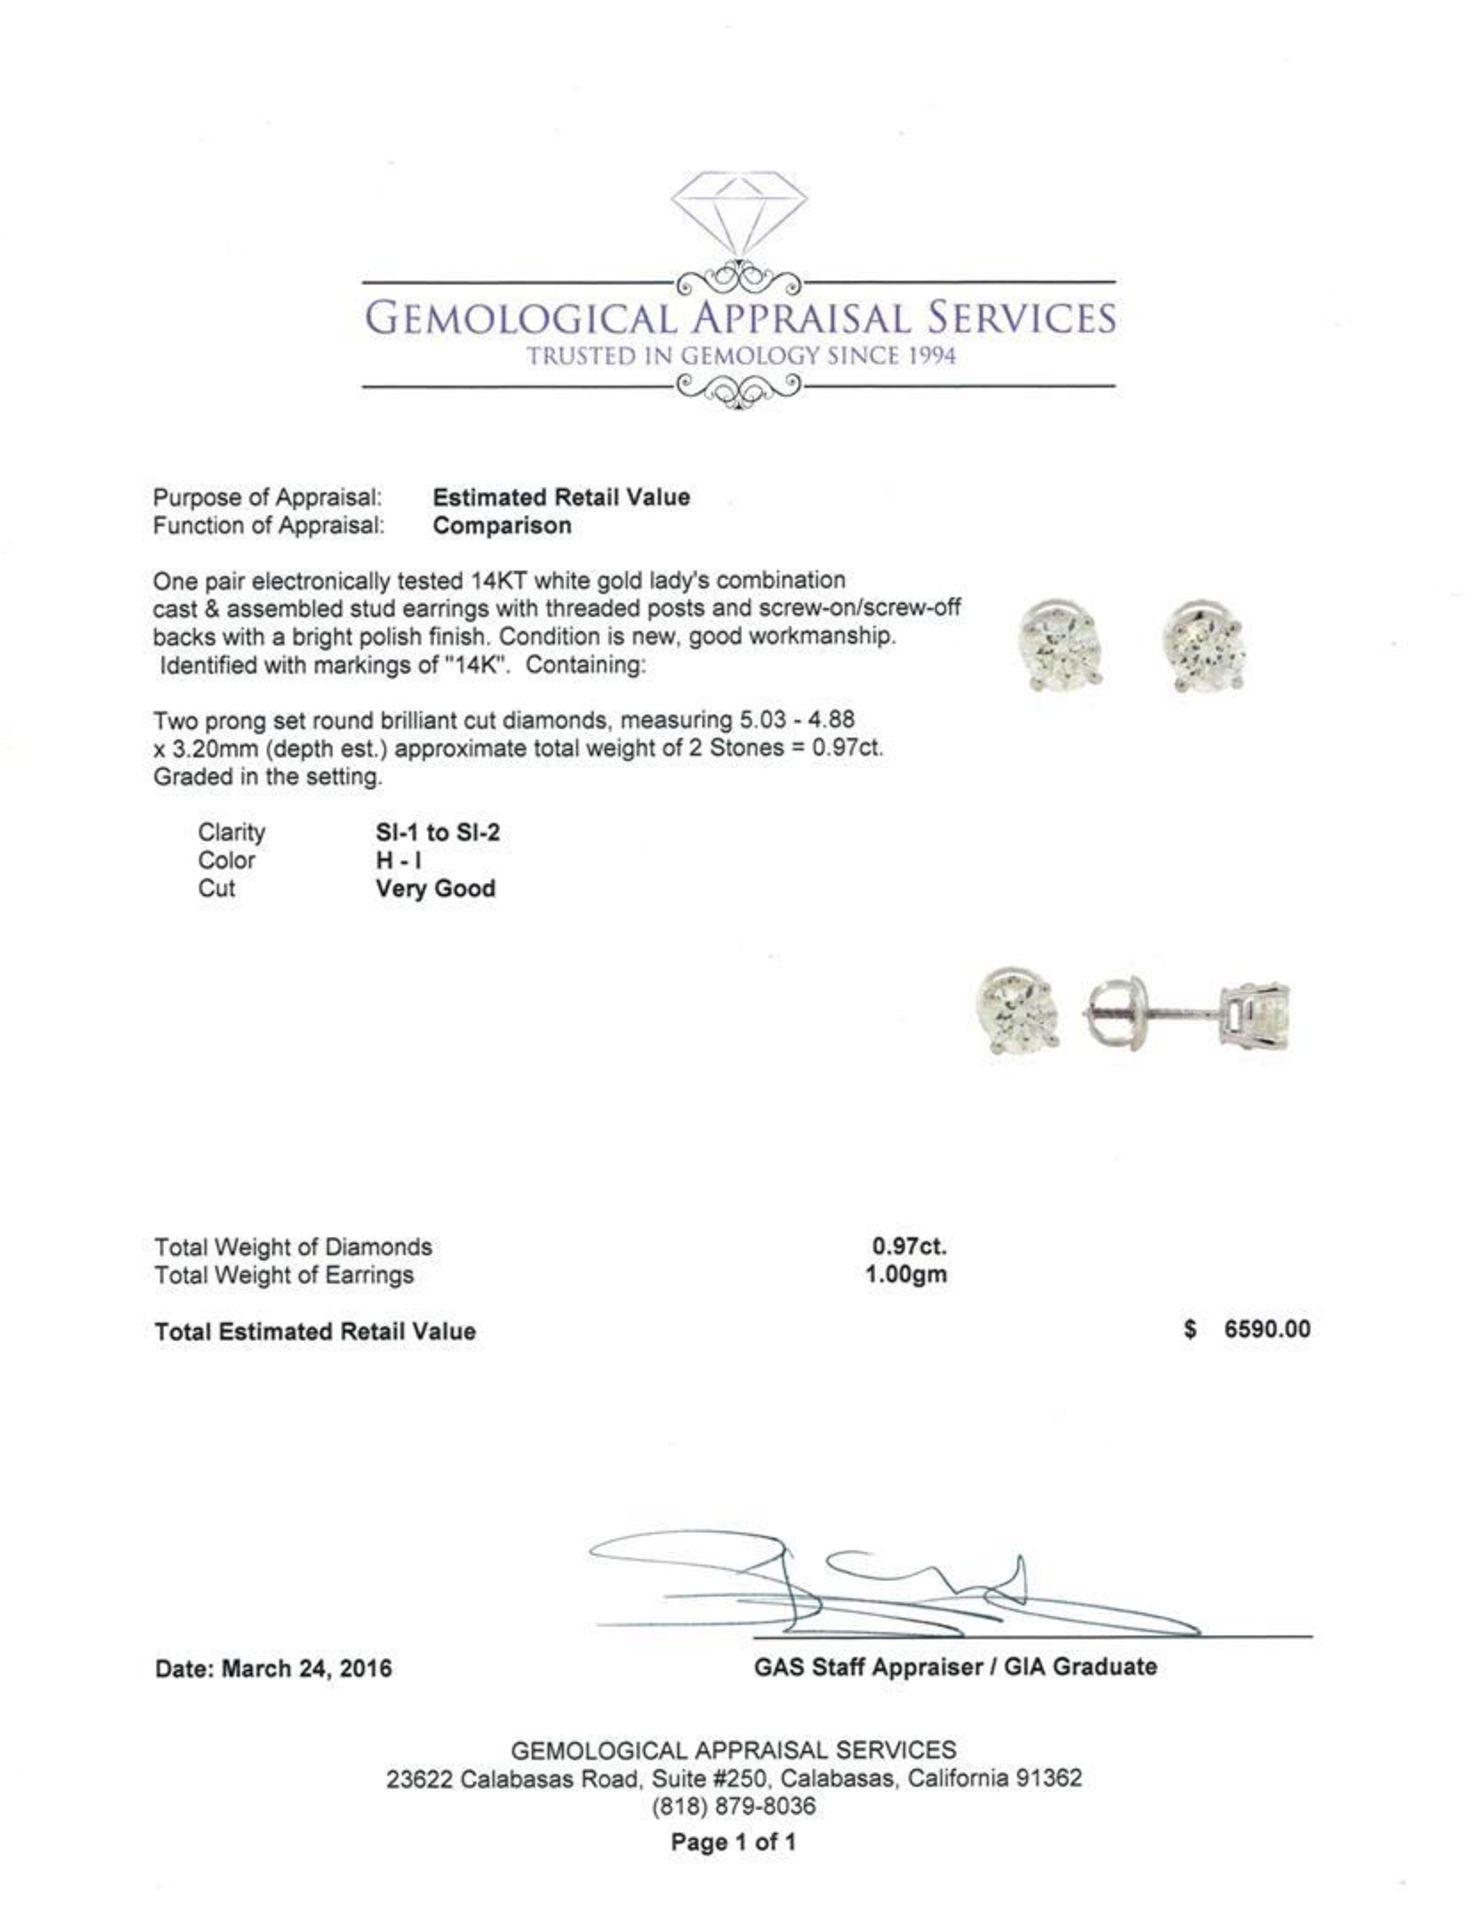 0.97 ctw Diamond Stud Earrings - 14KT White Gold - Image 3 of 3